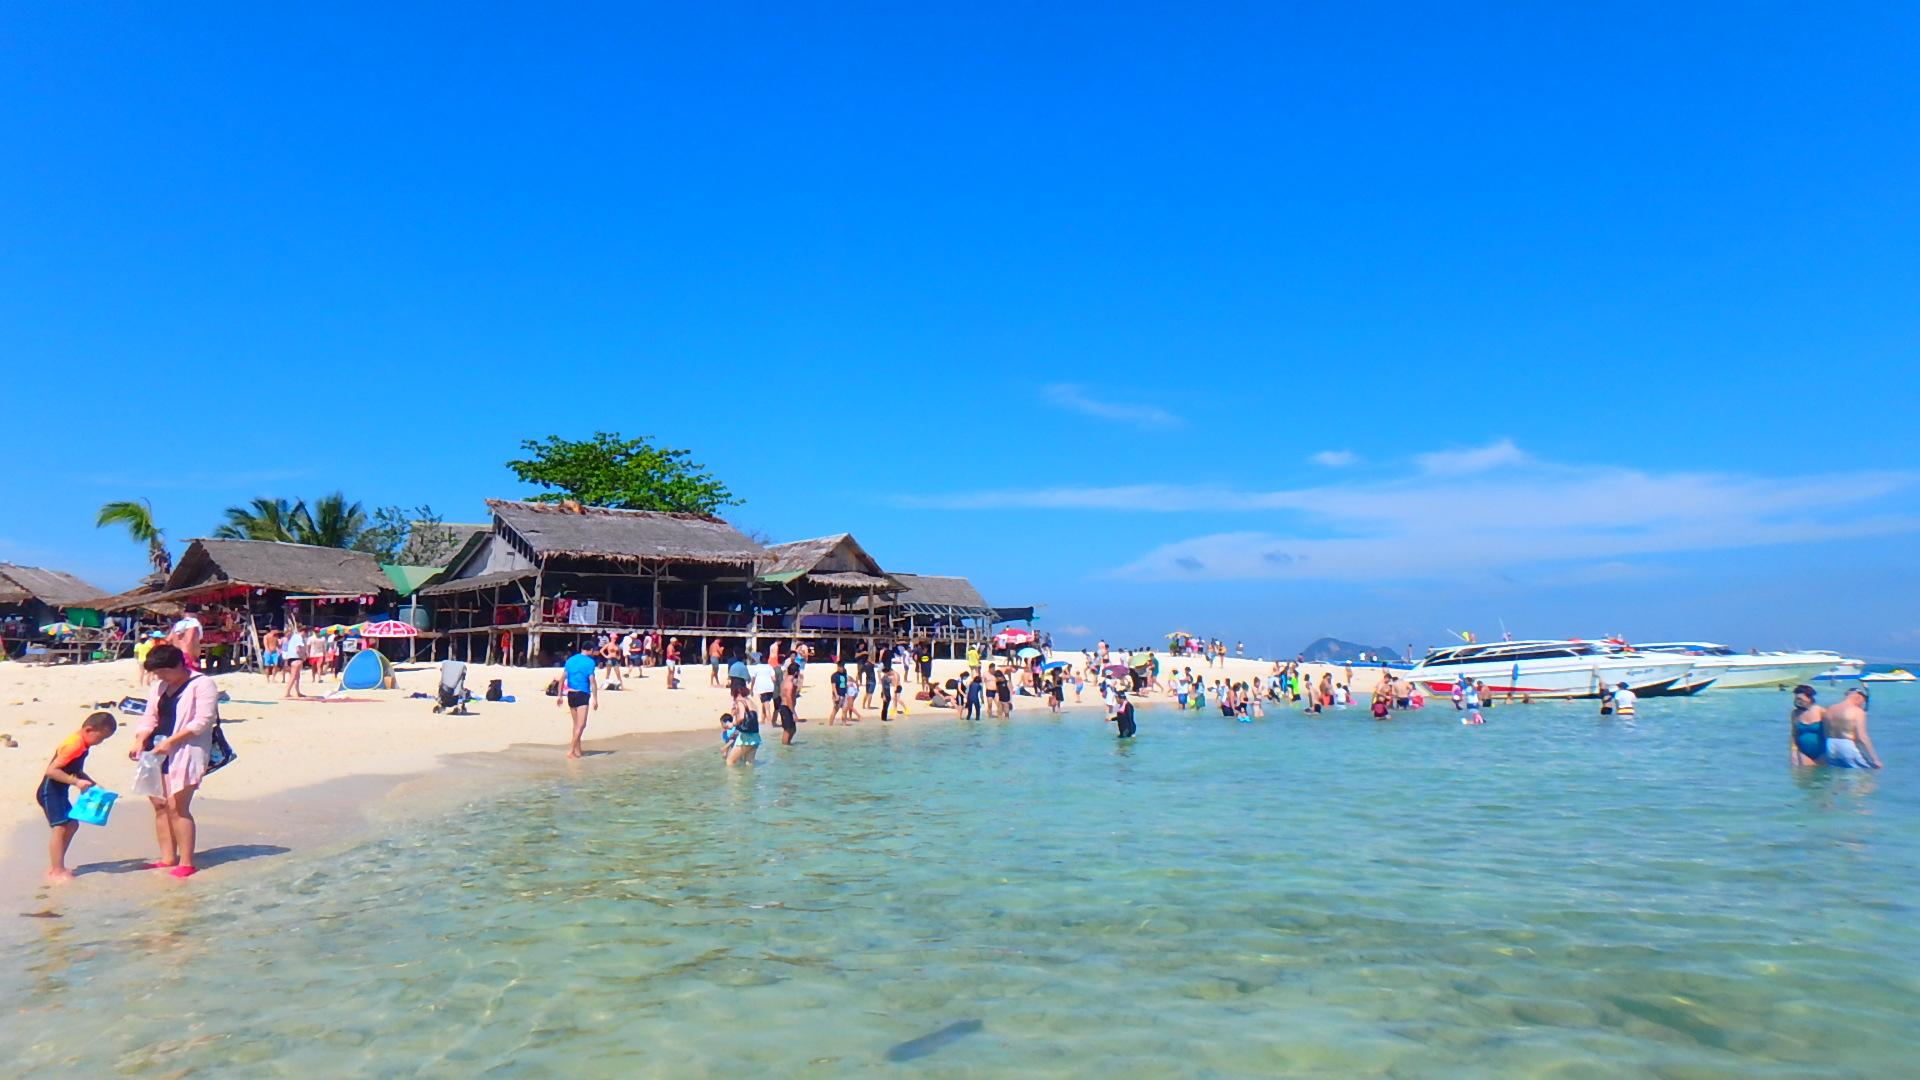 タイプーケットの無人島カイナイ島Khai Nai Islandビーチ